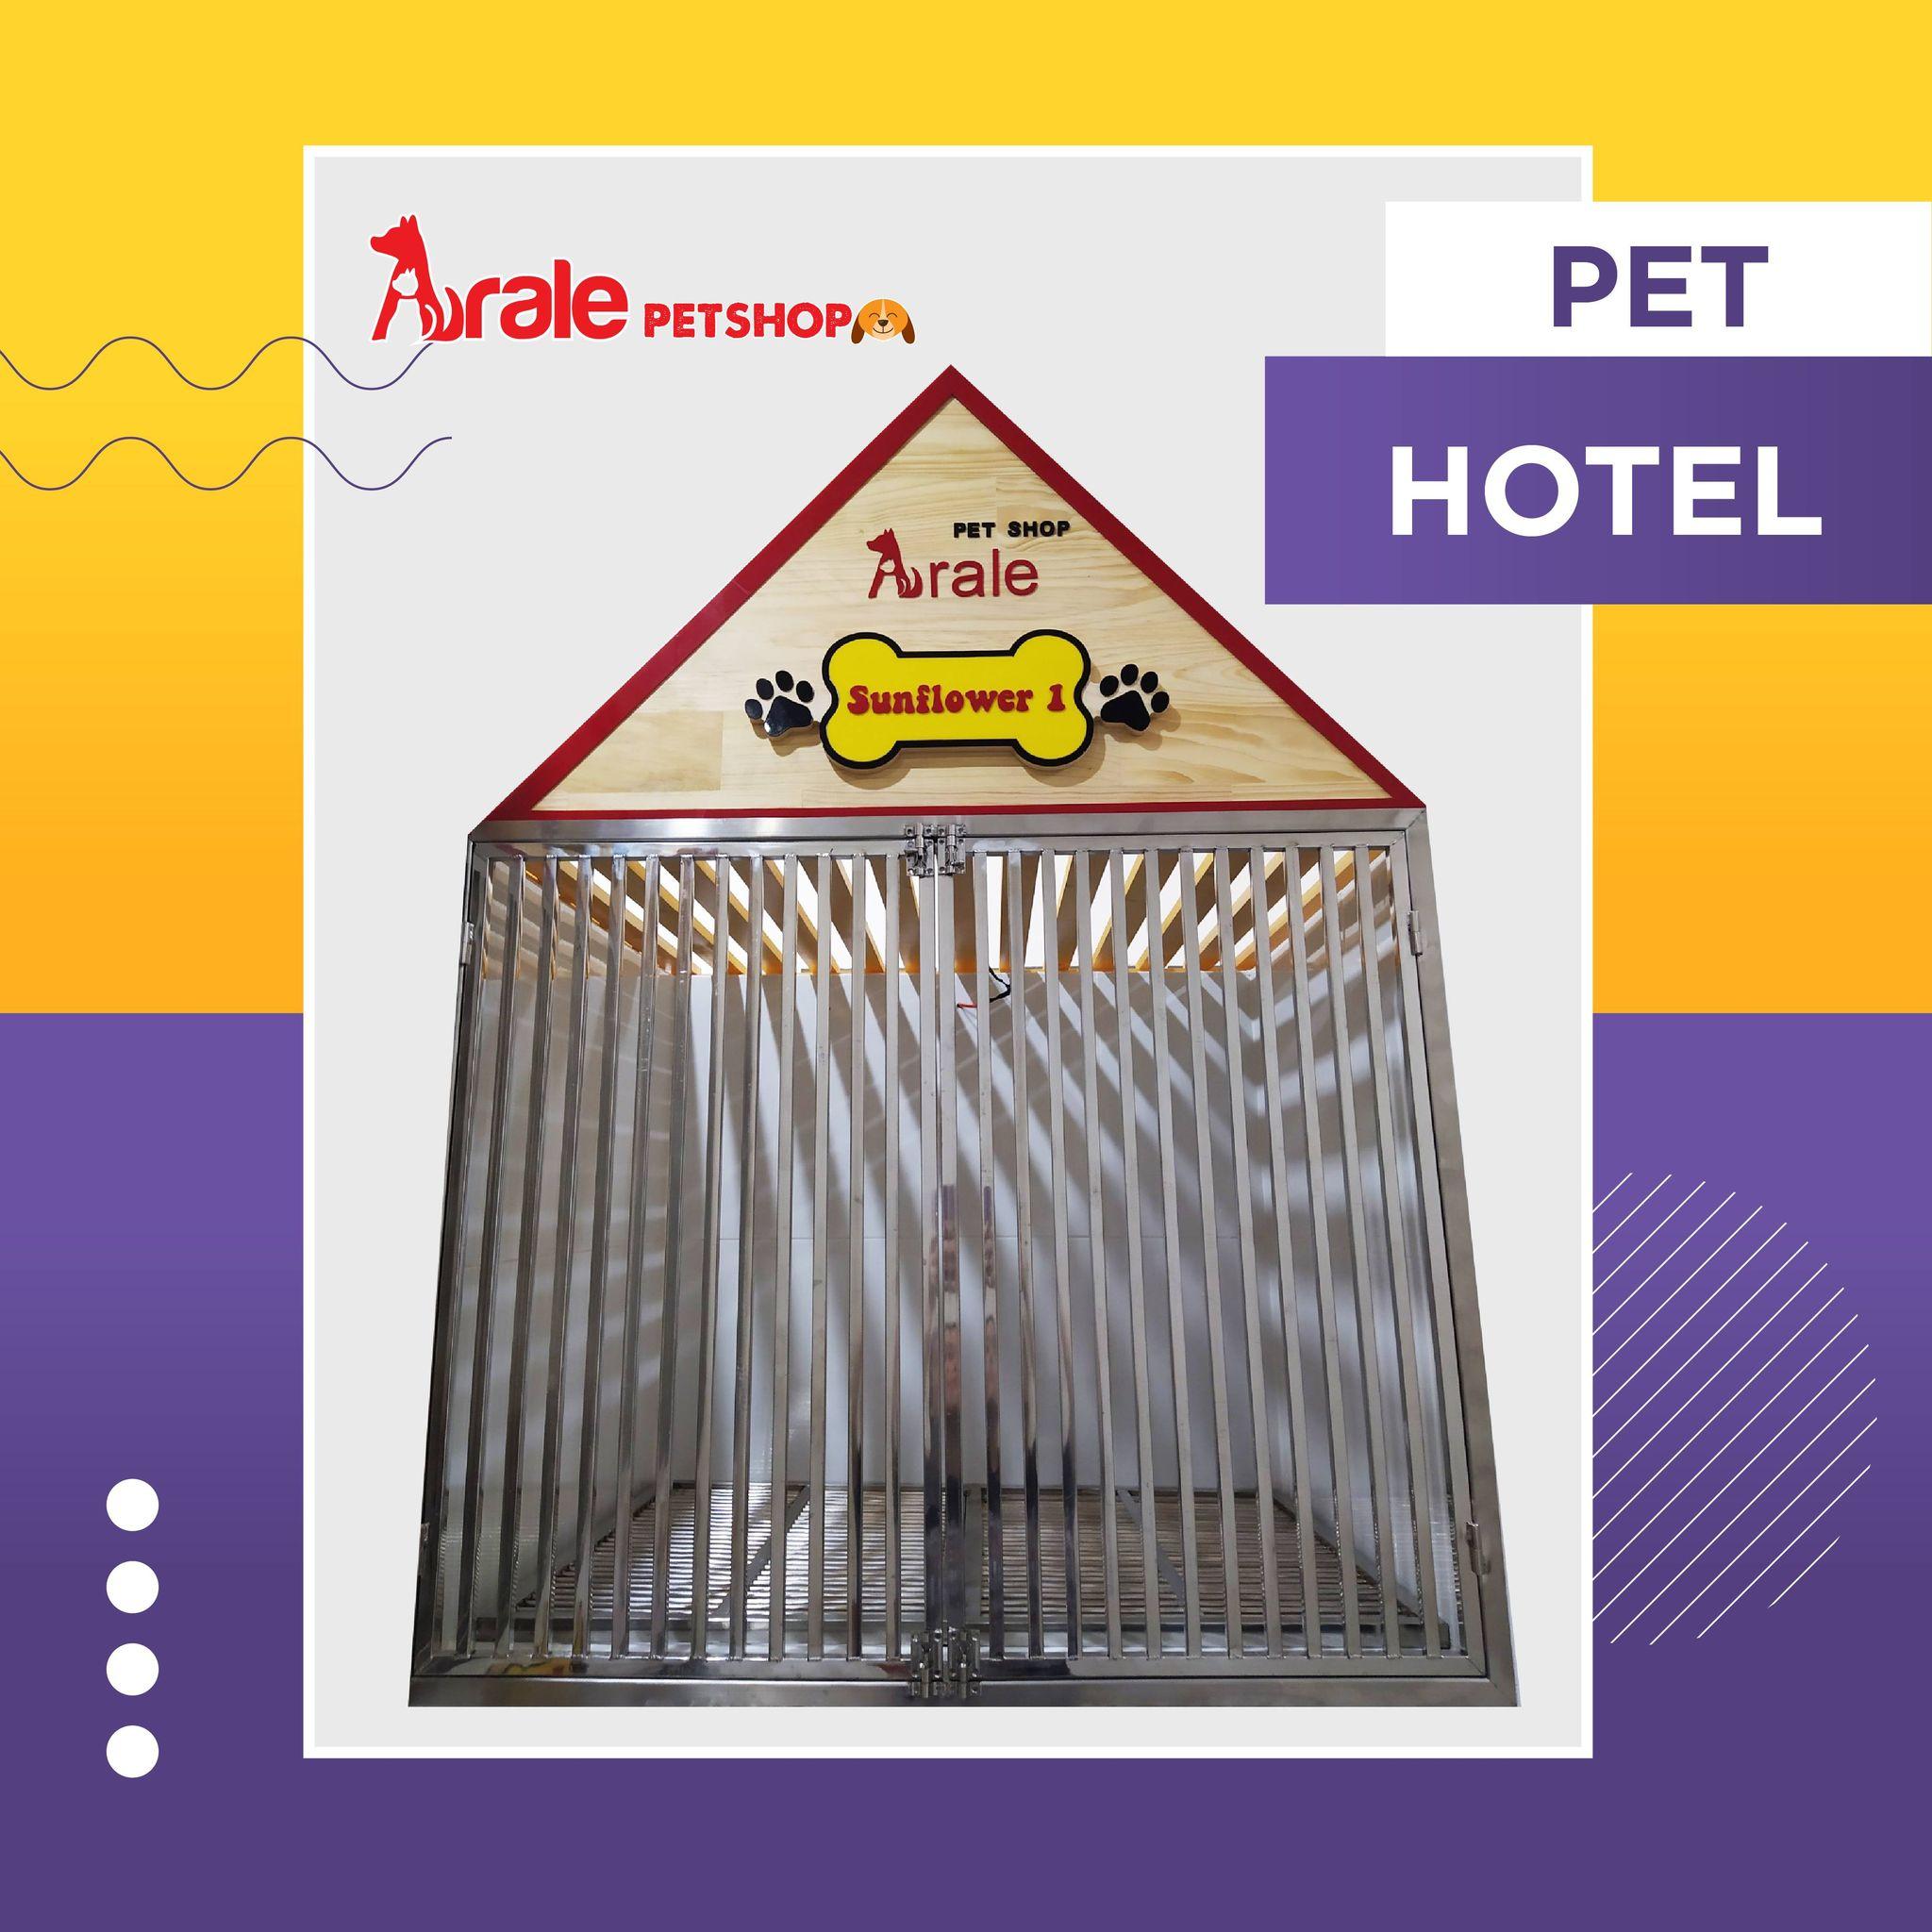 PET HOTEL - DỊCH VỤ TRÔNG GIỮ MÈO